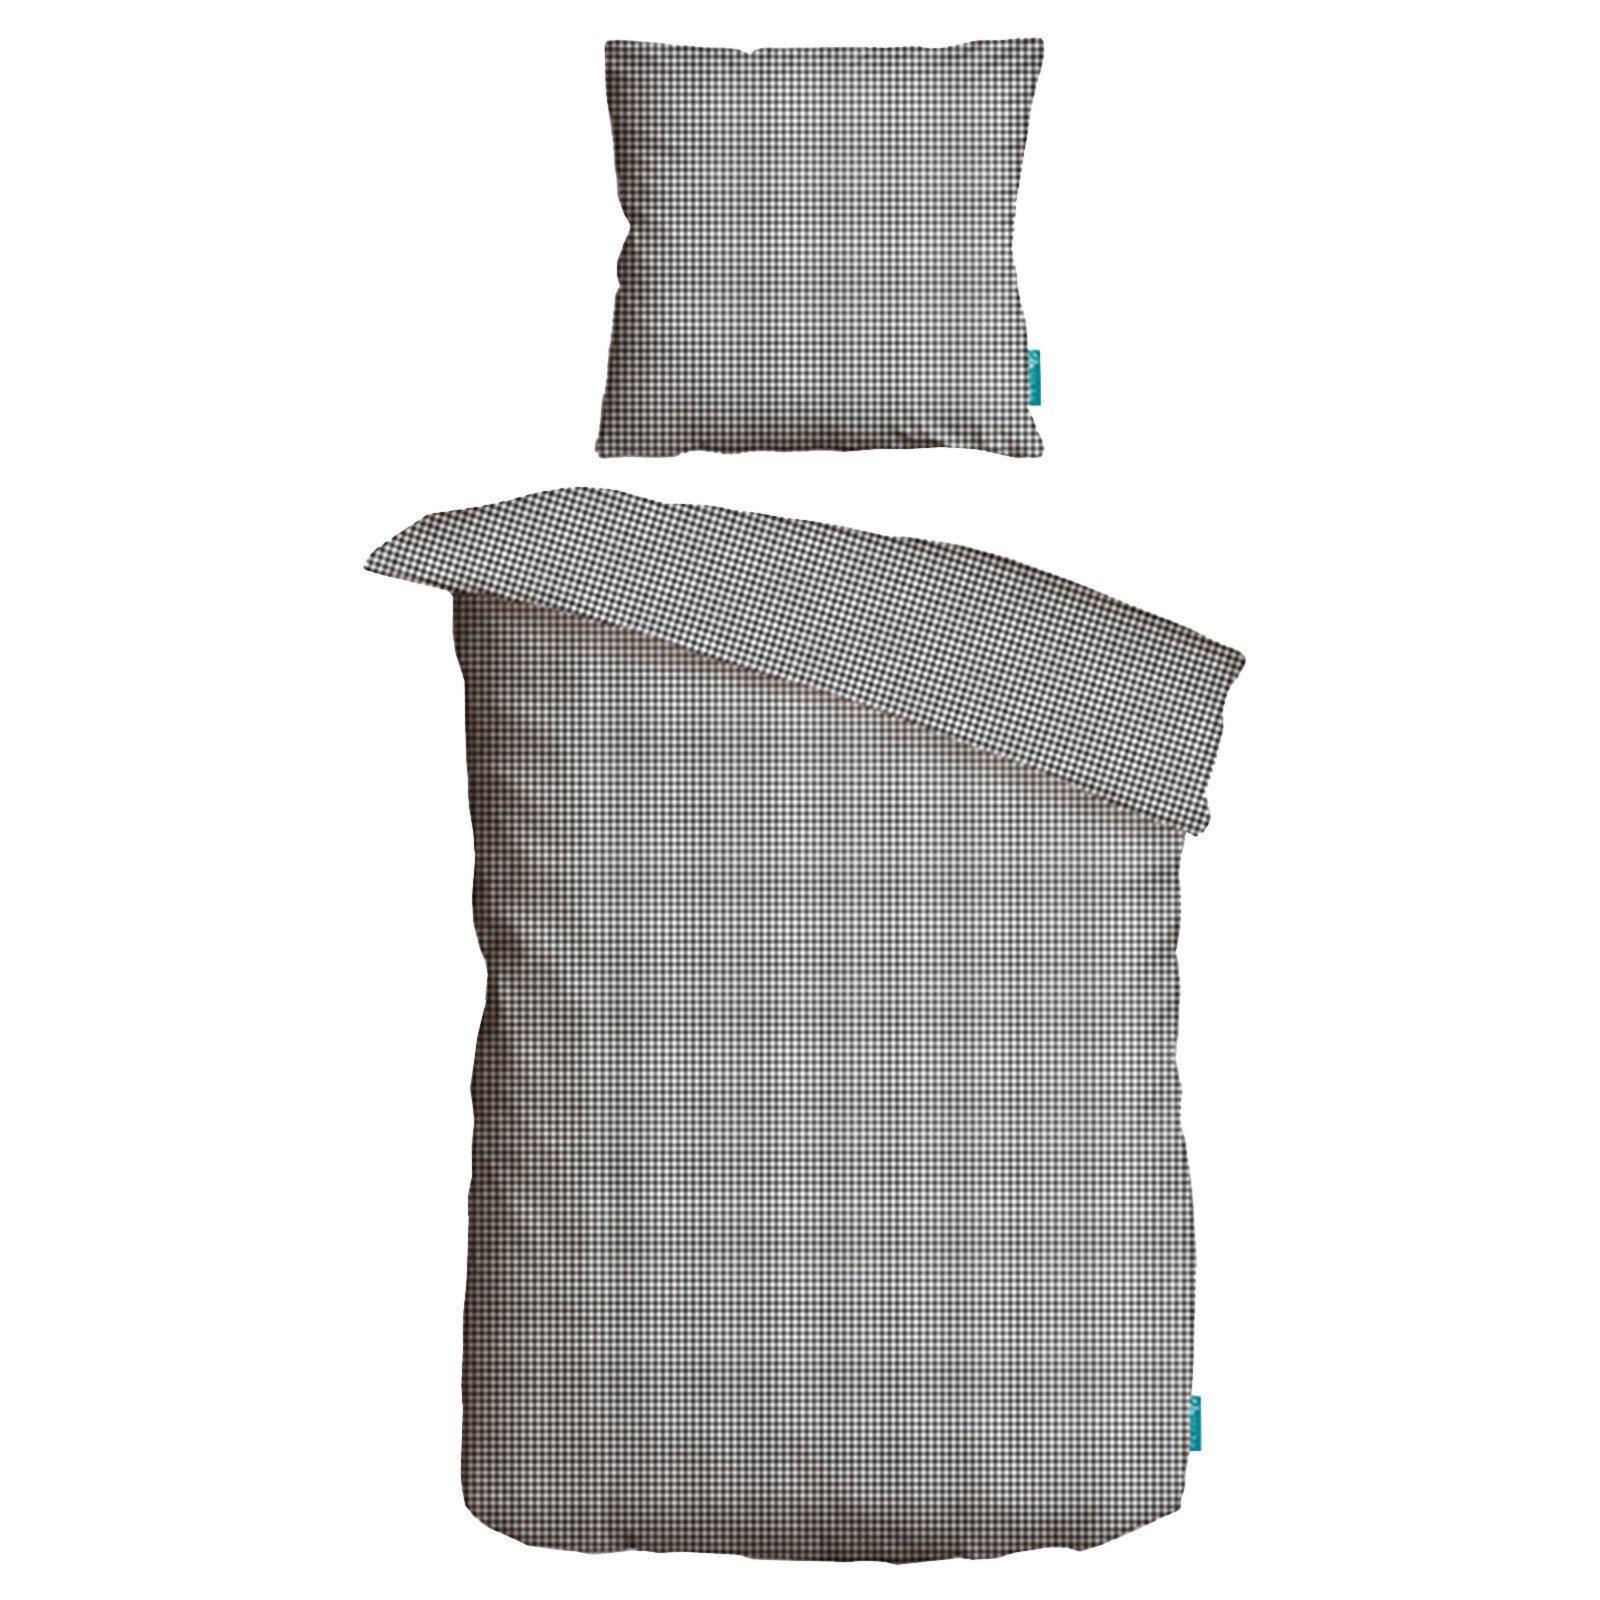 renforc bettw sche malm anthrazit karo 155x220 cm bettw sche bettw sche bettlaken. Black Bedroom Furniture Sets. Home Design Ideas